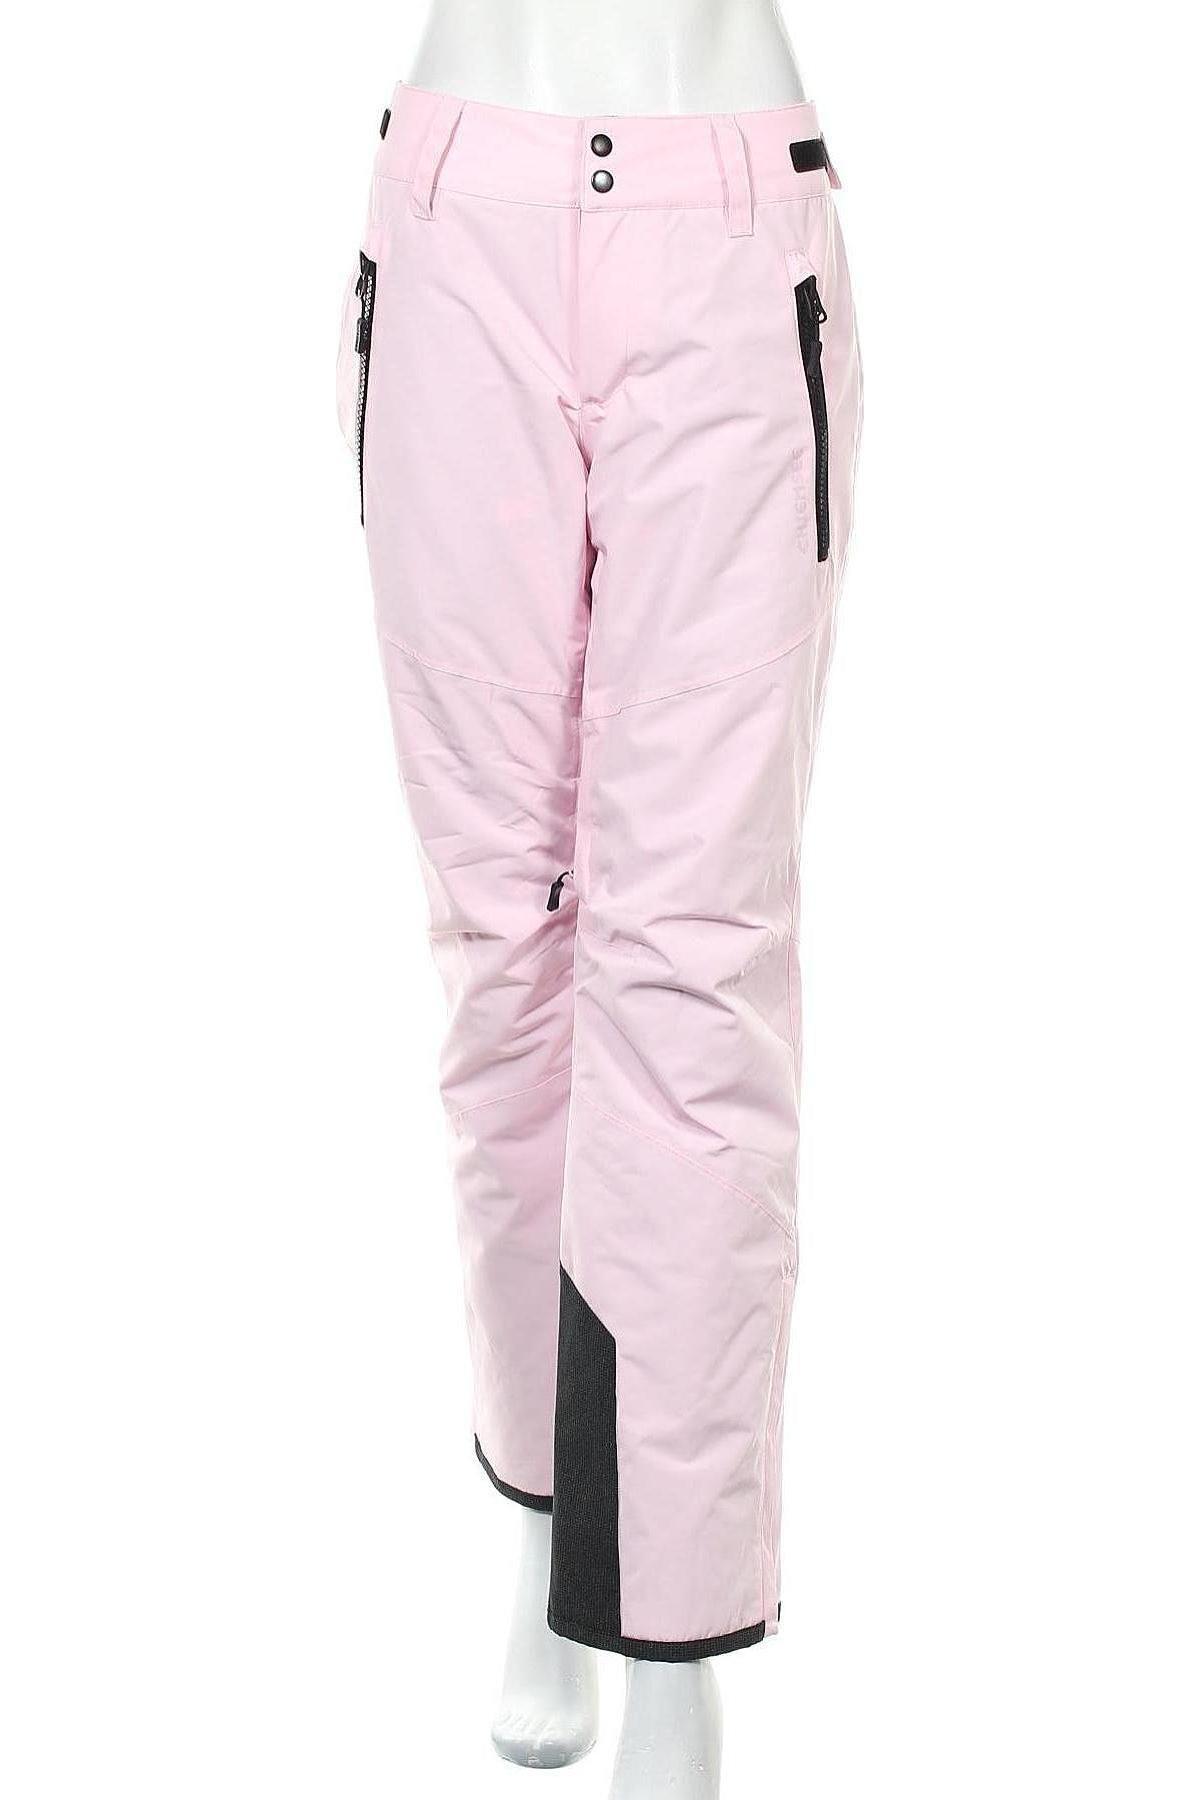 Дамски панталон за зимни спортове Chiemsee, Размер L, Цвят Розов, Полиестер, Цена 83,22лв.